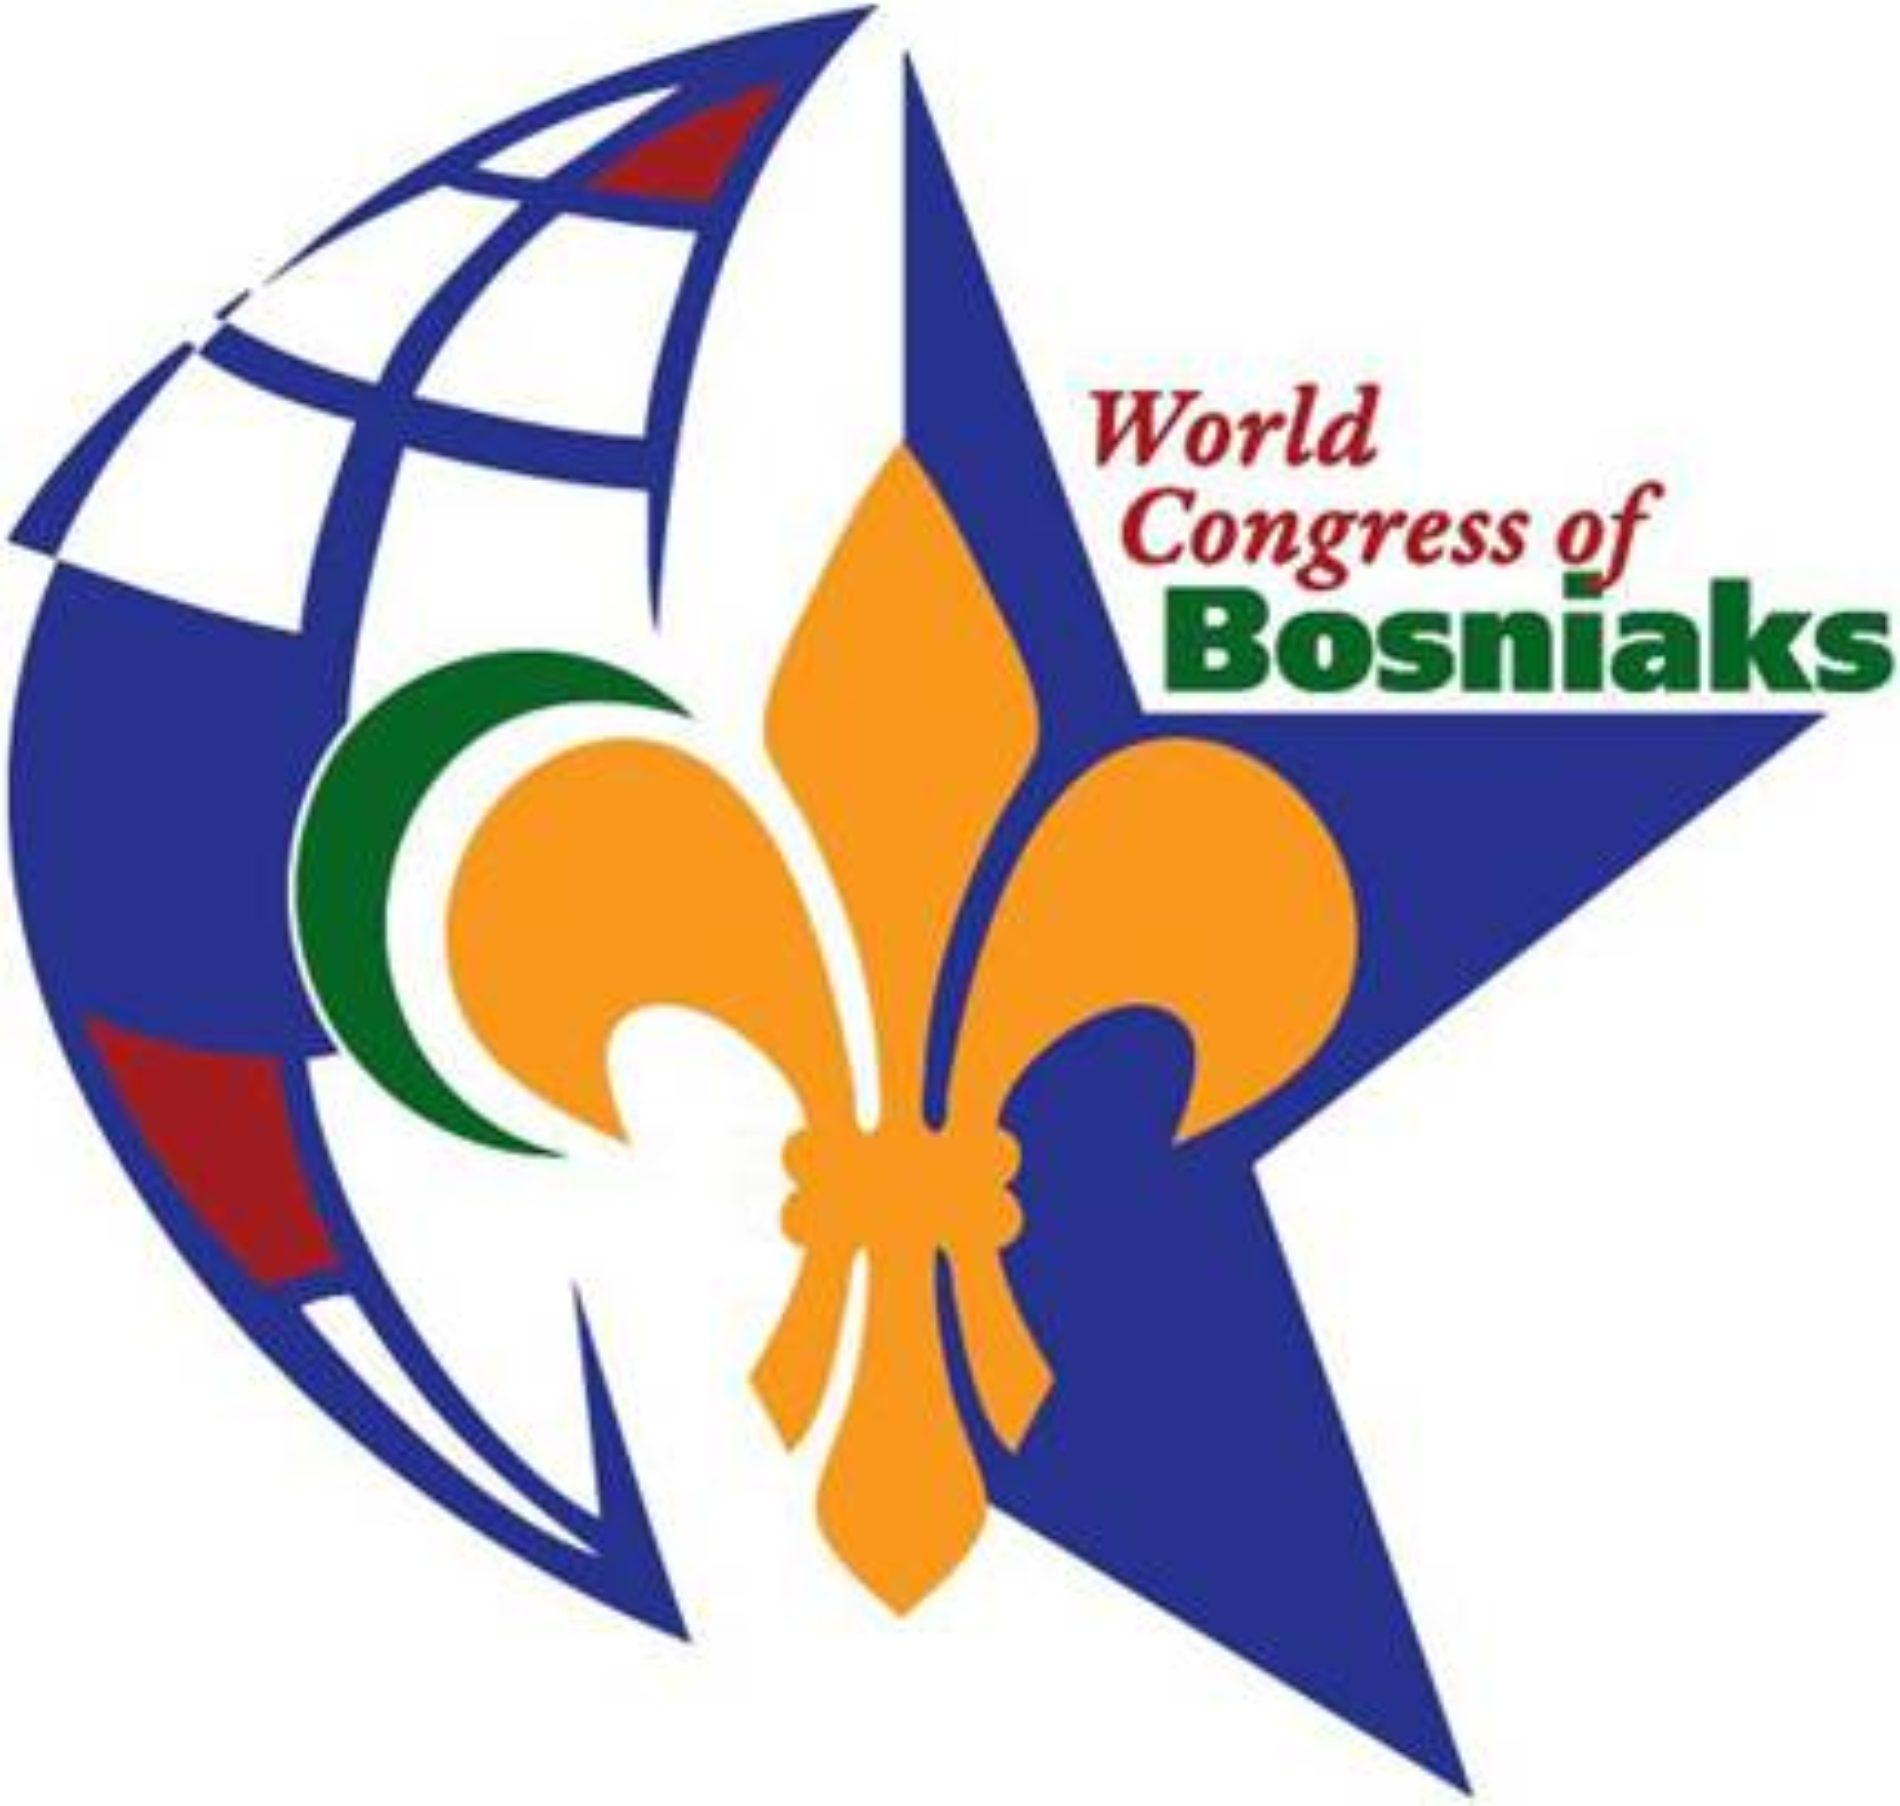 Hoće li biti ponovnog pokretanja tužbe Bosne i Hercegovine za genocid protiv Srbije i Crne Gore?